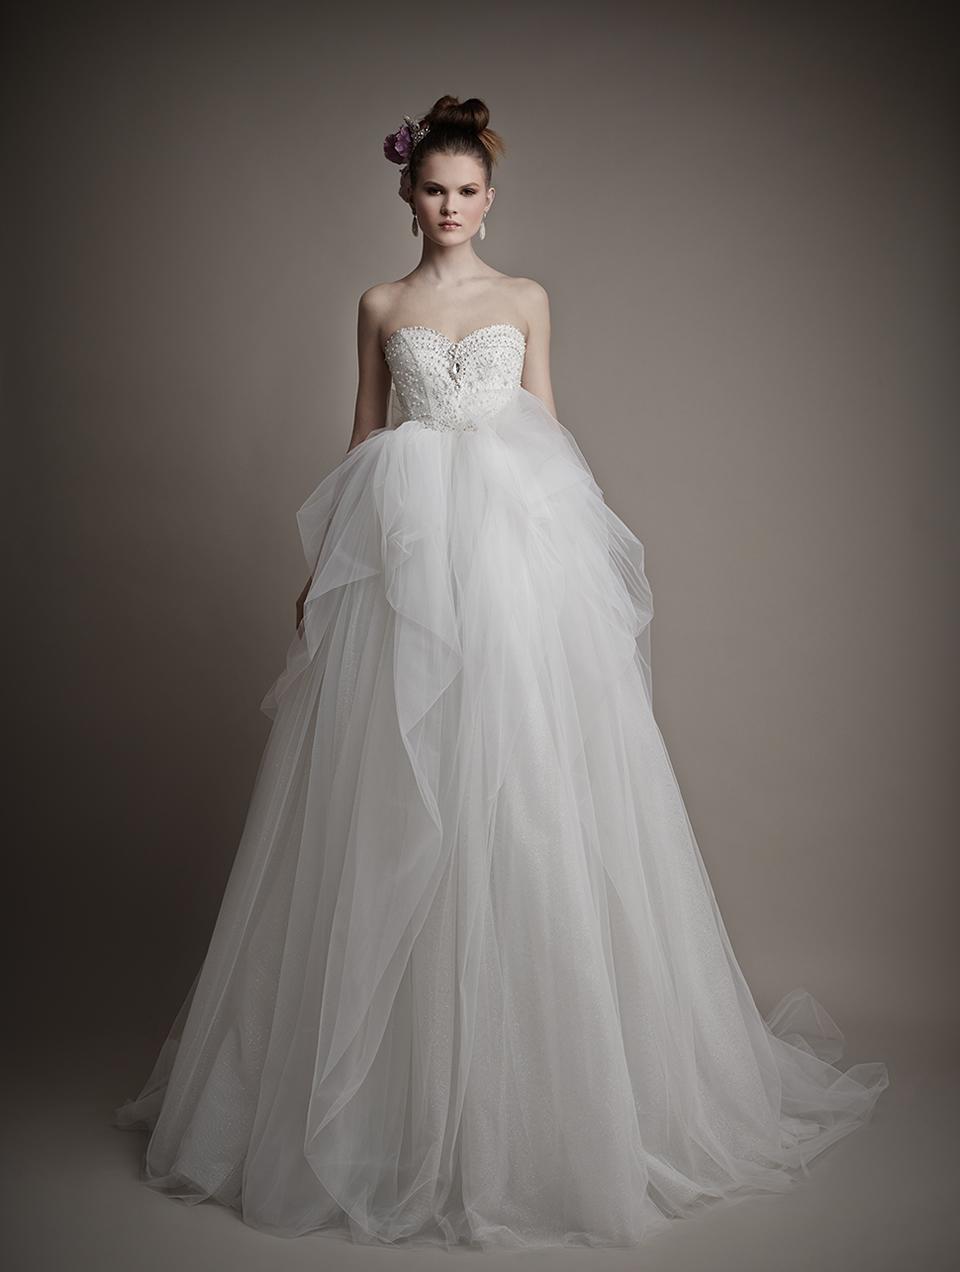 Коллекция свадебных платьев 2015 года от Ersa Atelier14